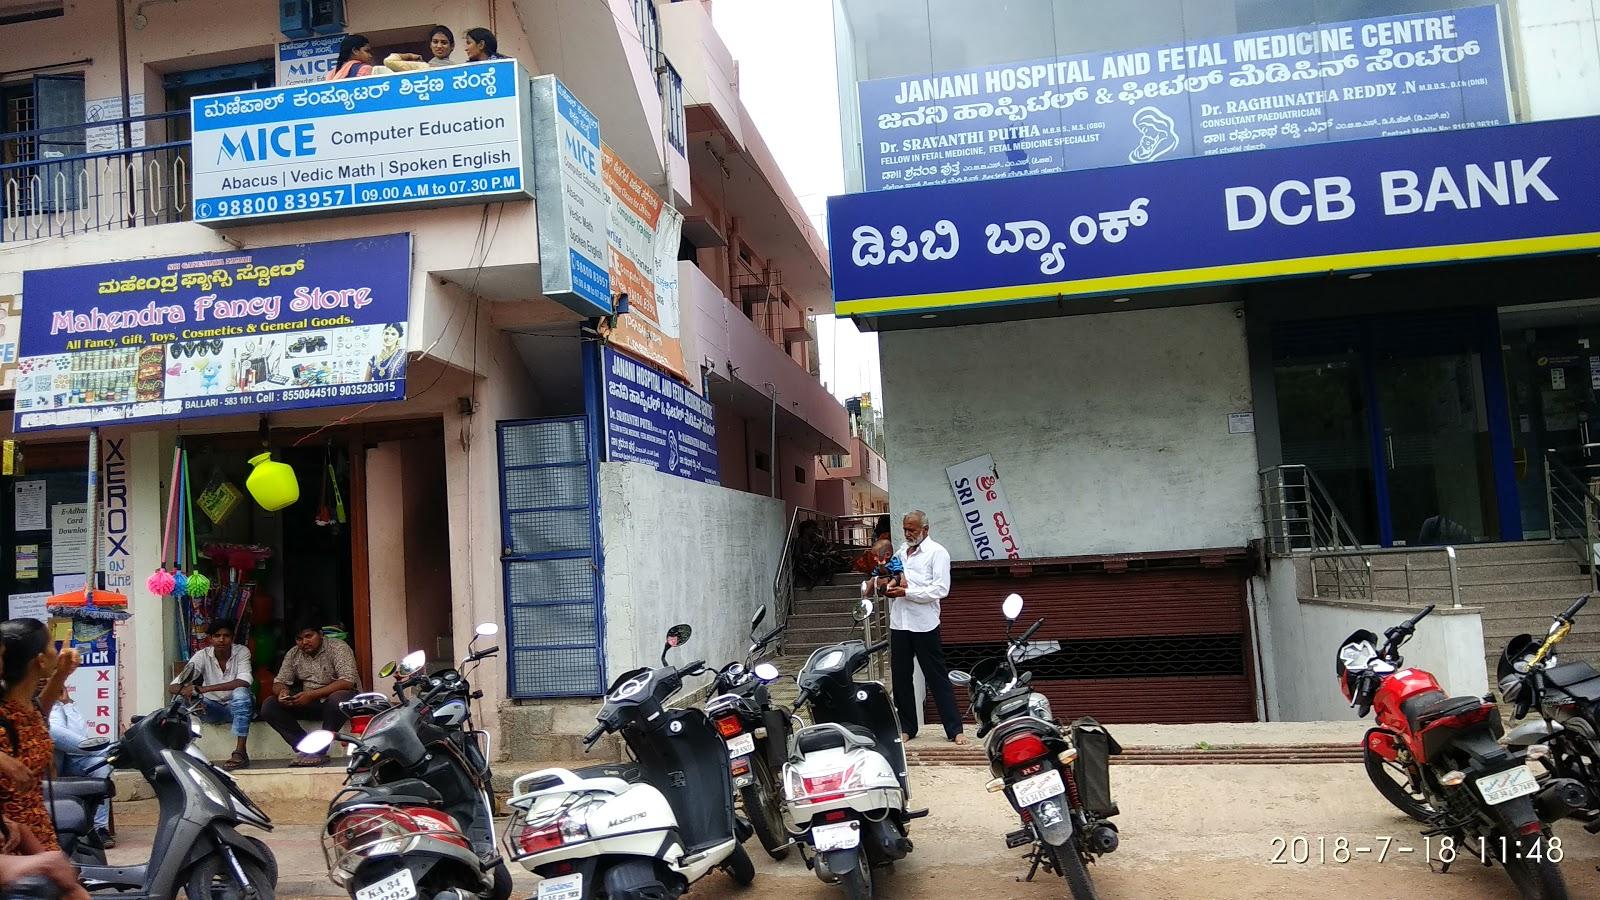 blood bank DCB Bank near Ballari Karnataka